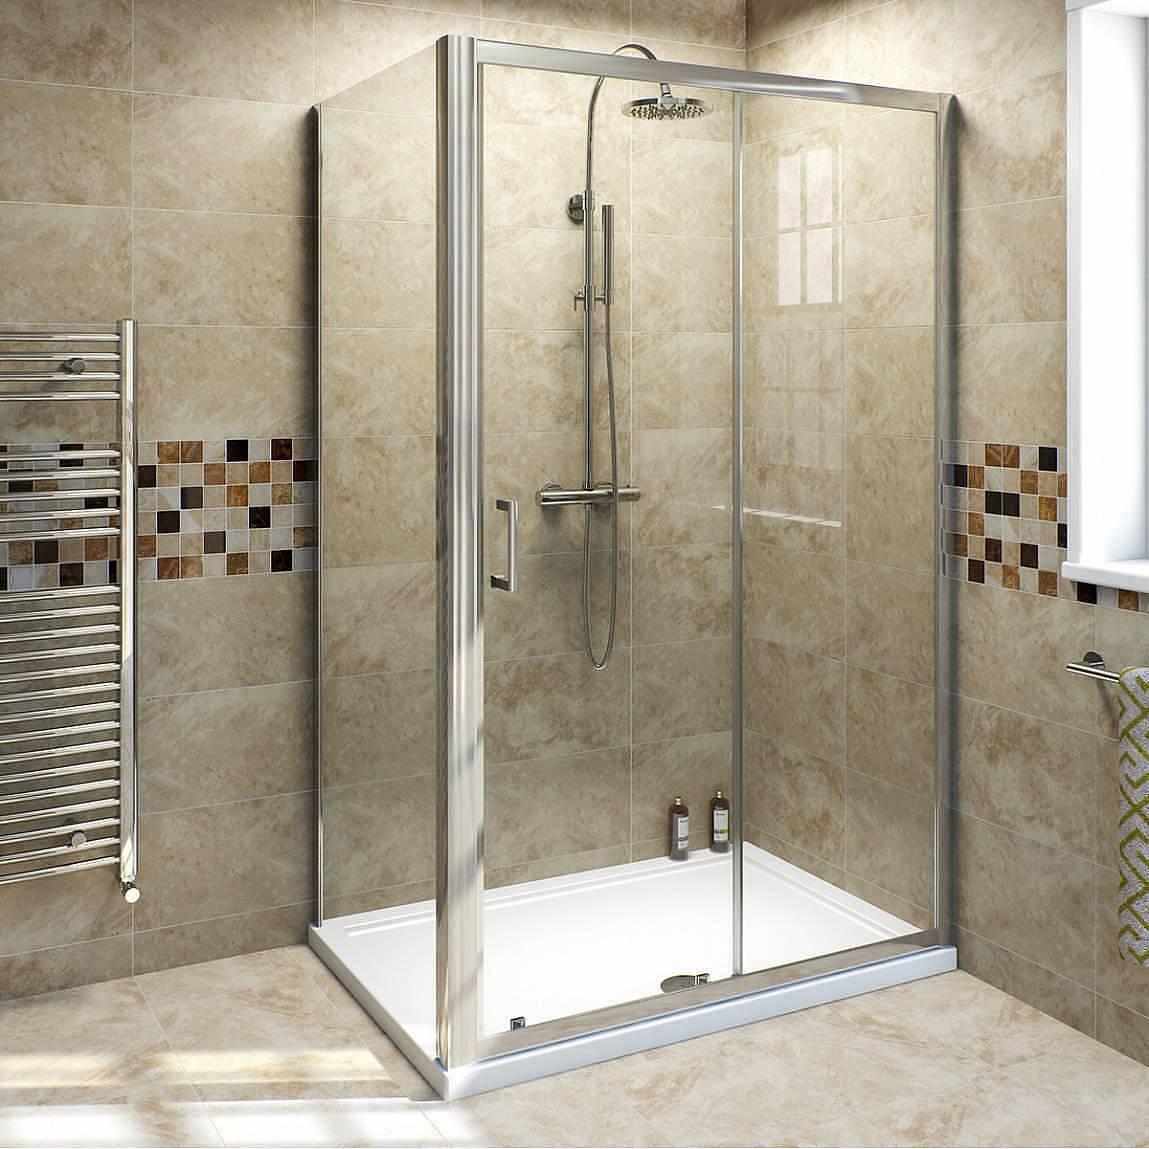 Image of V6 Sliding Shower Enclosure 1200 x 800